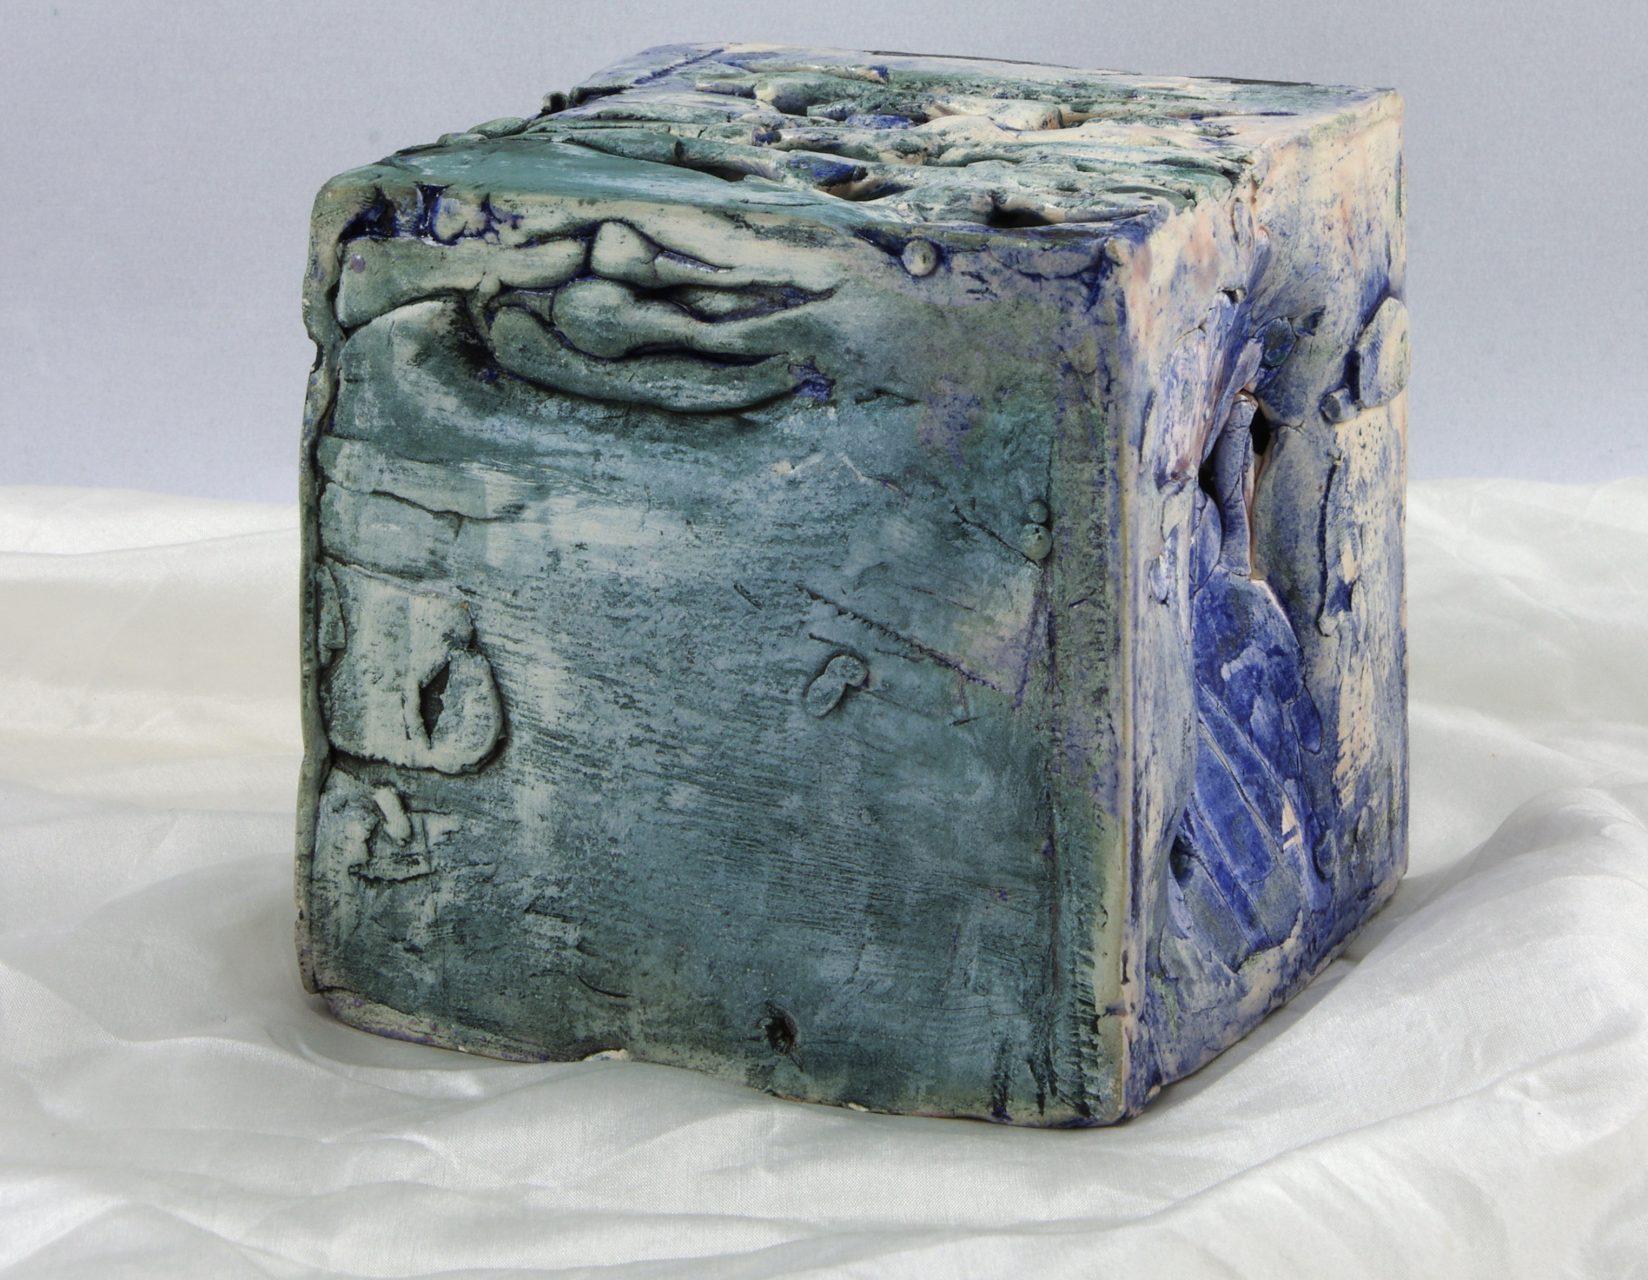 PETIT CUBE BLEU, 2012 céramique émaillée partiellement (9.5x9.5x9.5cm) - Inv. 00027-vendu